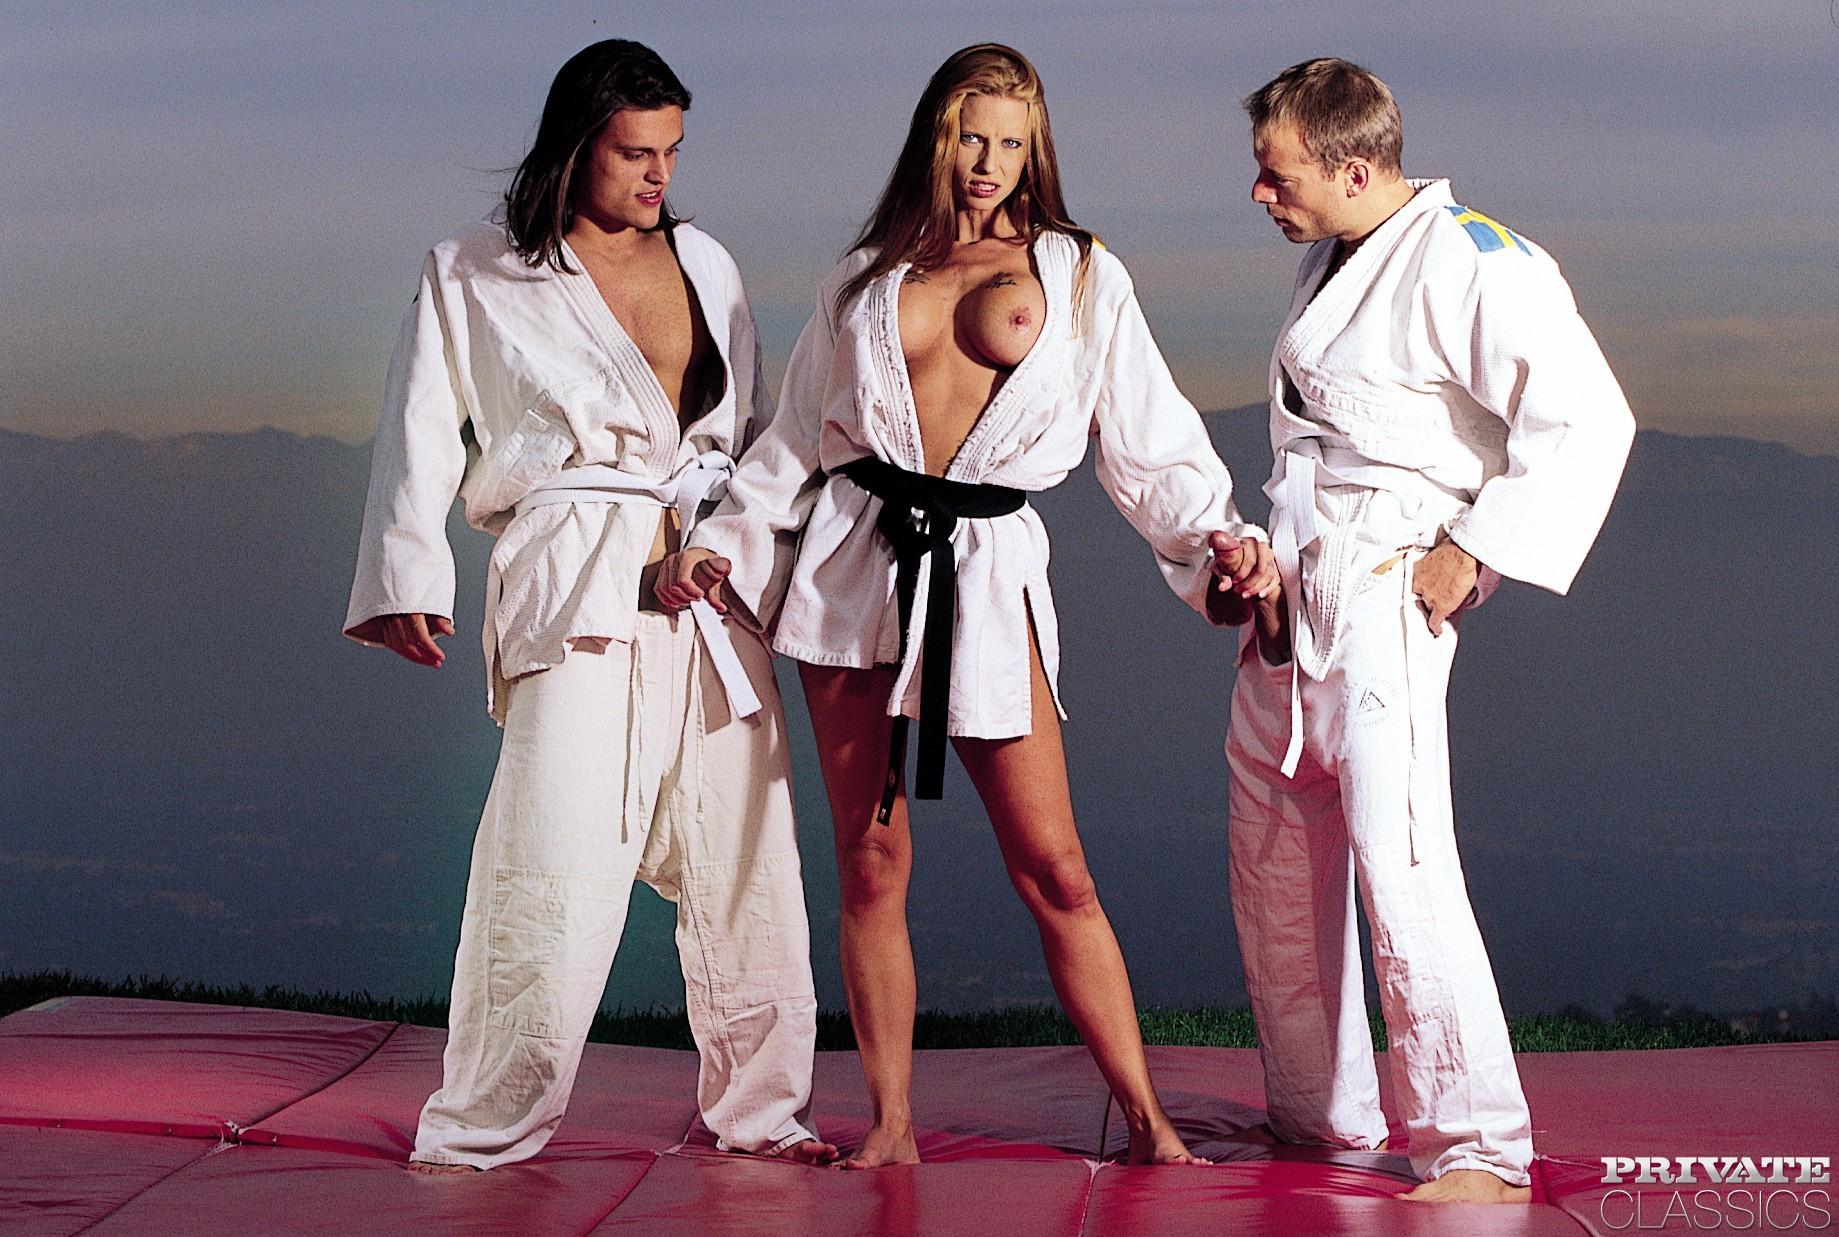 Очередная тренировка с красивыми мужиками закончилась для телки сногсшибательным аналом и даже двойным проникновением